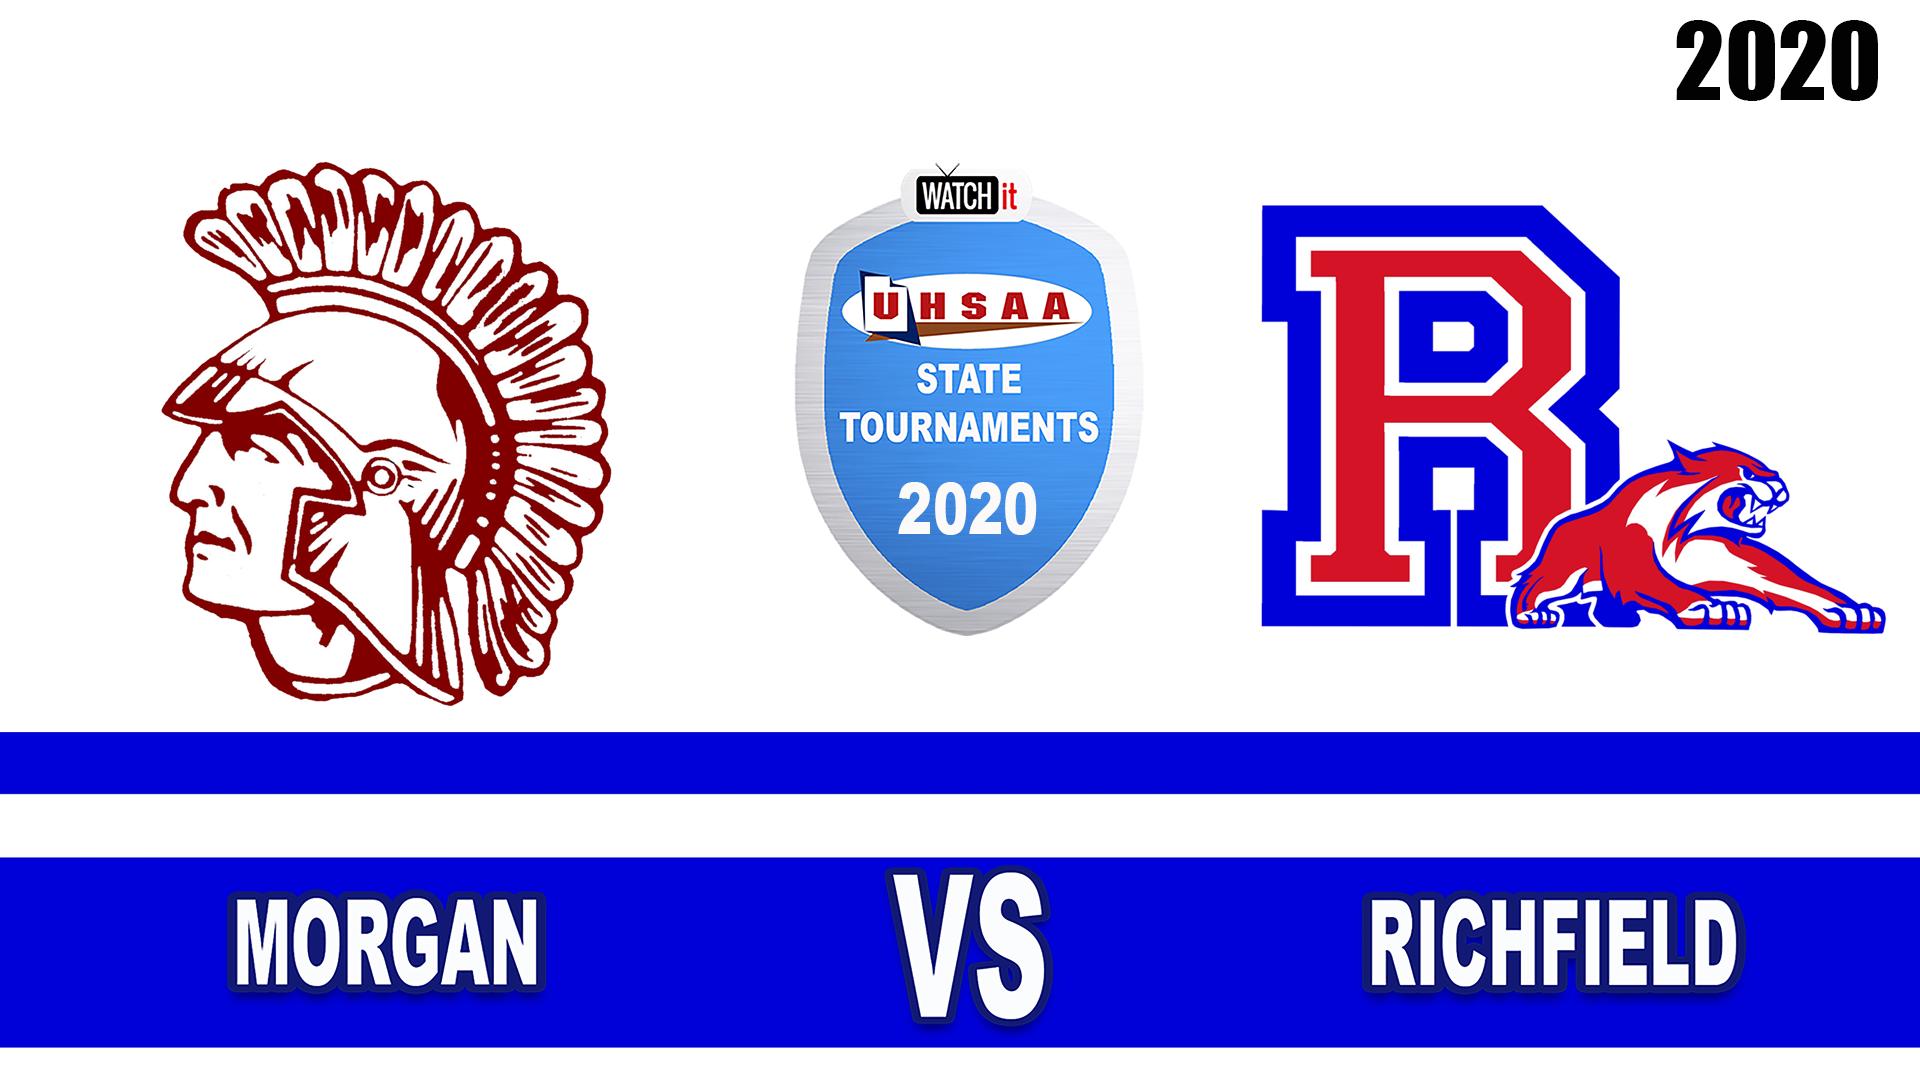 Morgan vs Richfield